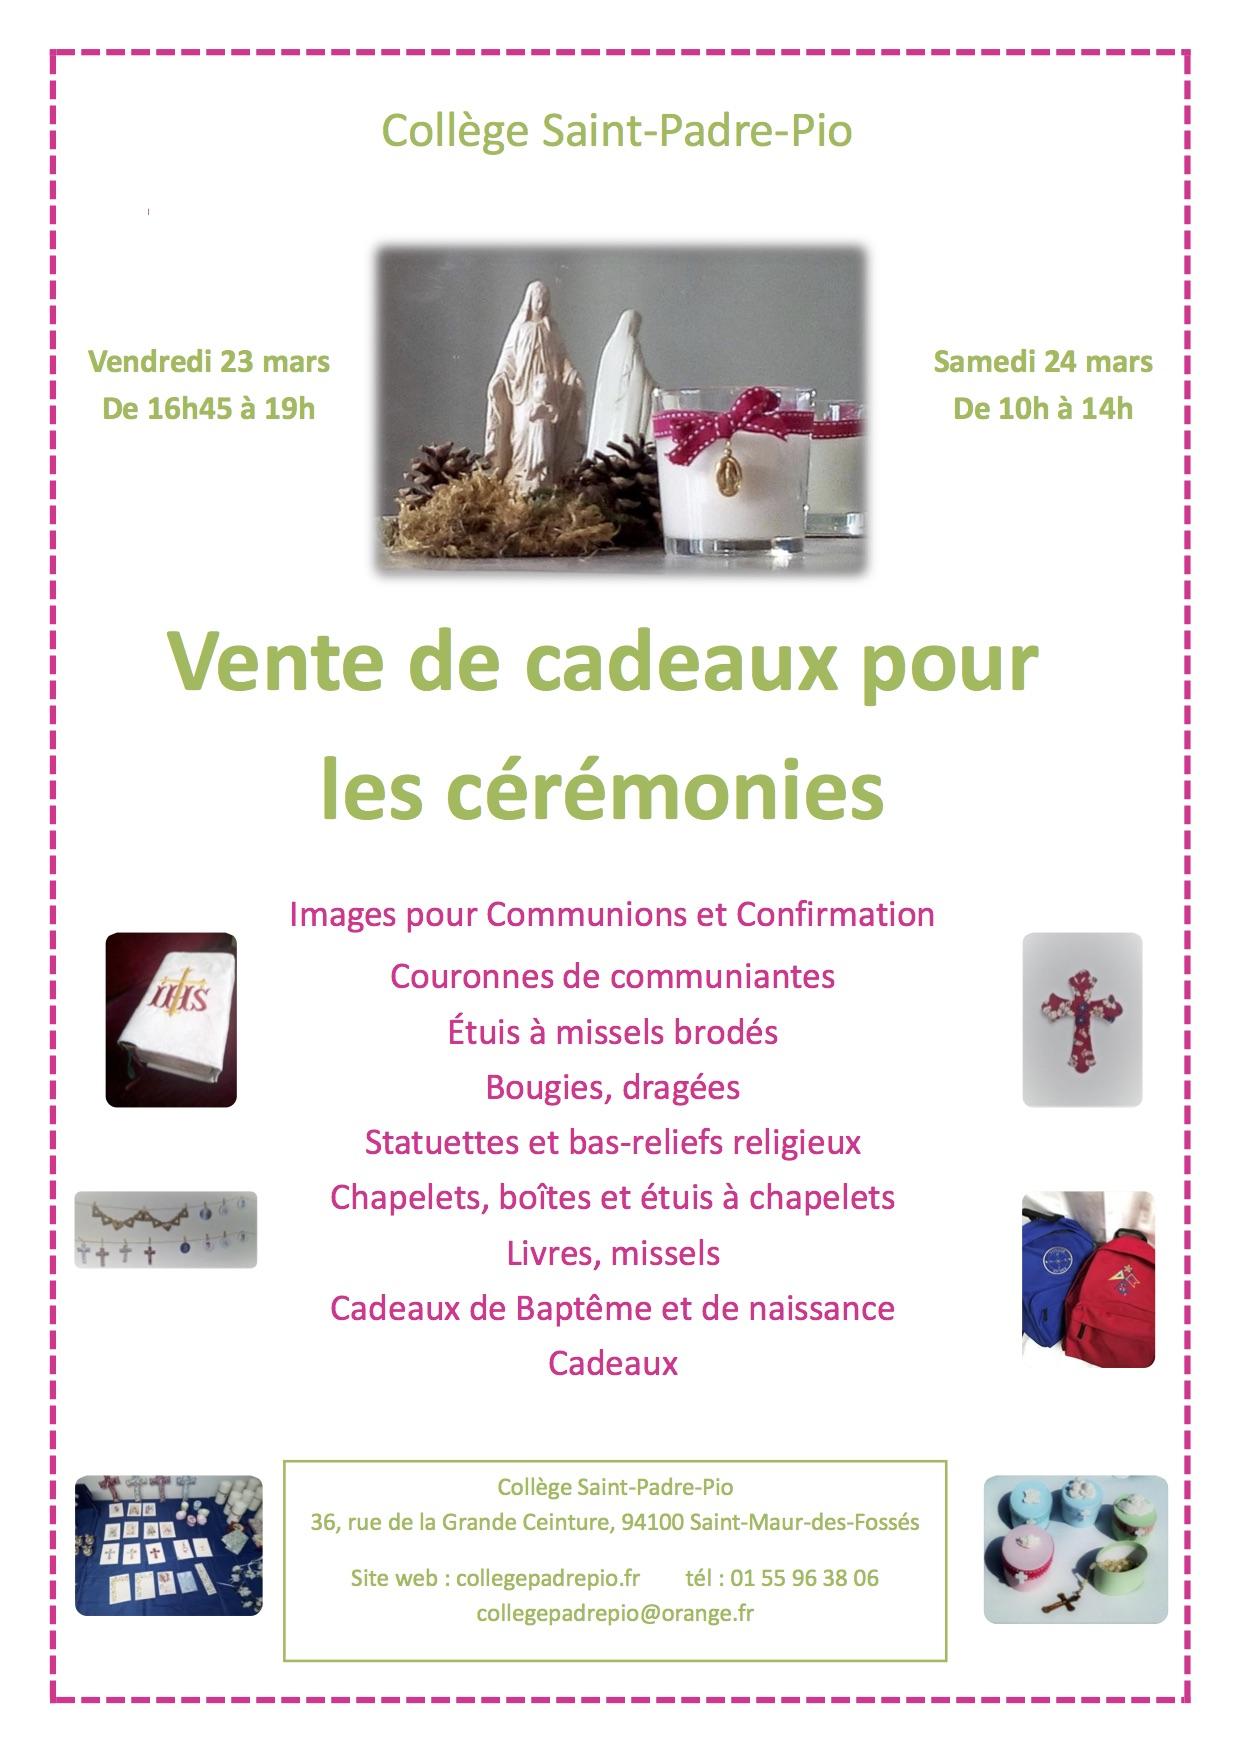 vente-ceremonies2